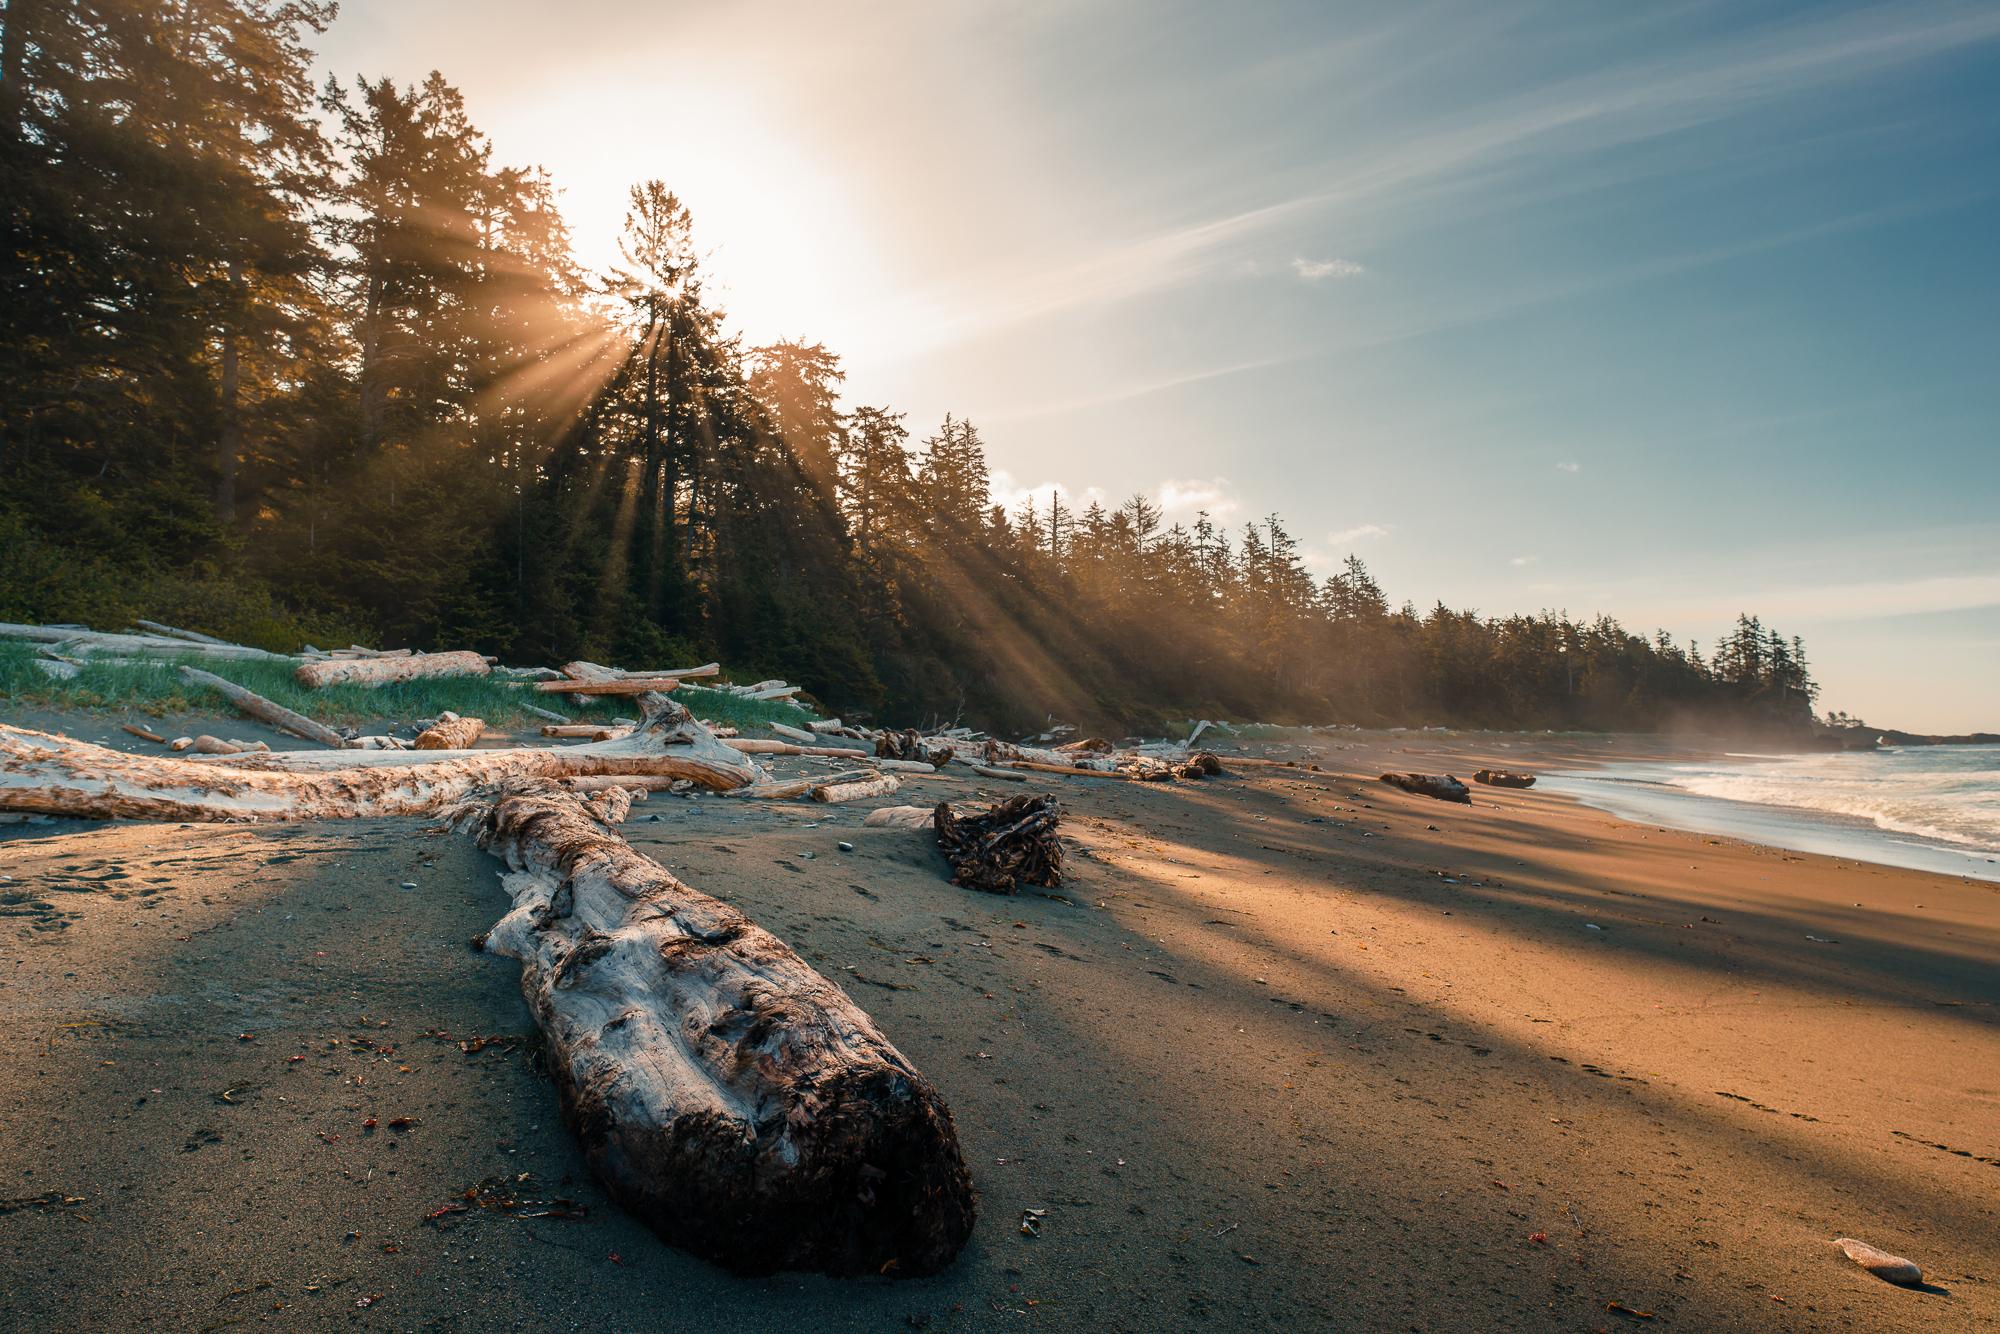 Pacific Rim National Park: West Coast Trail